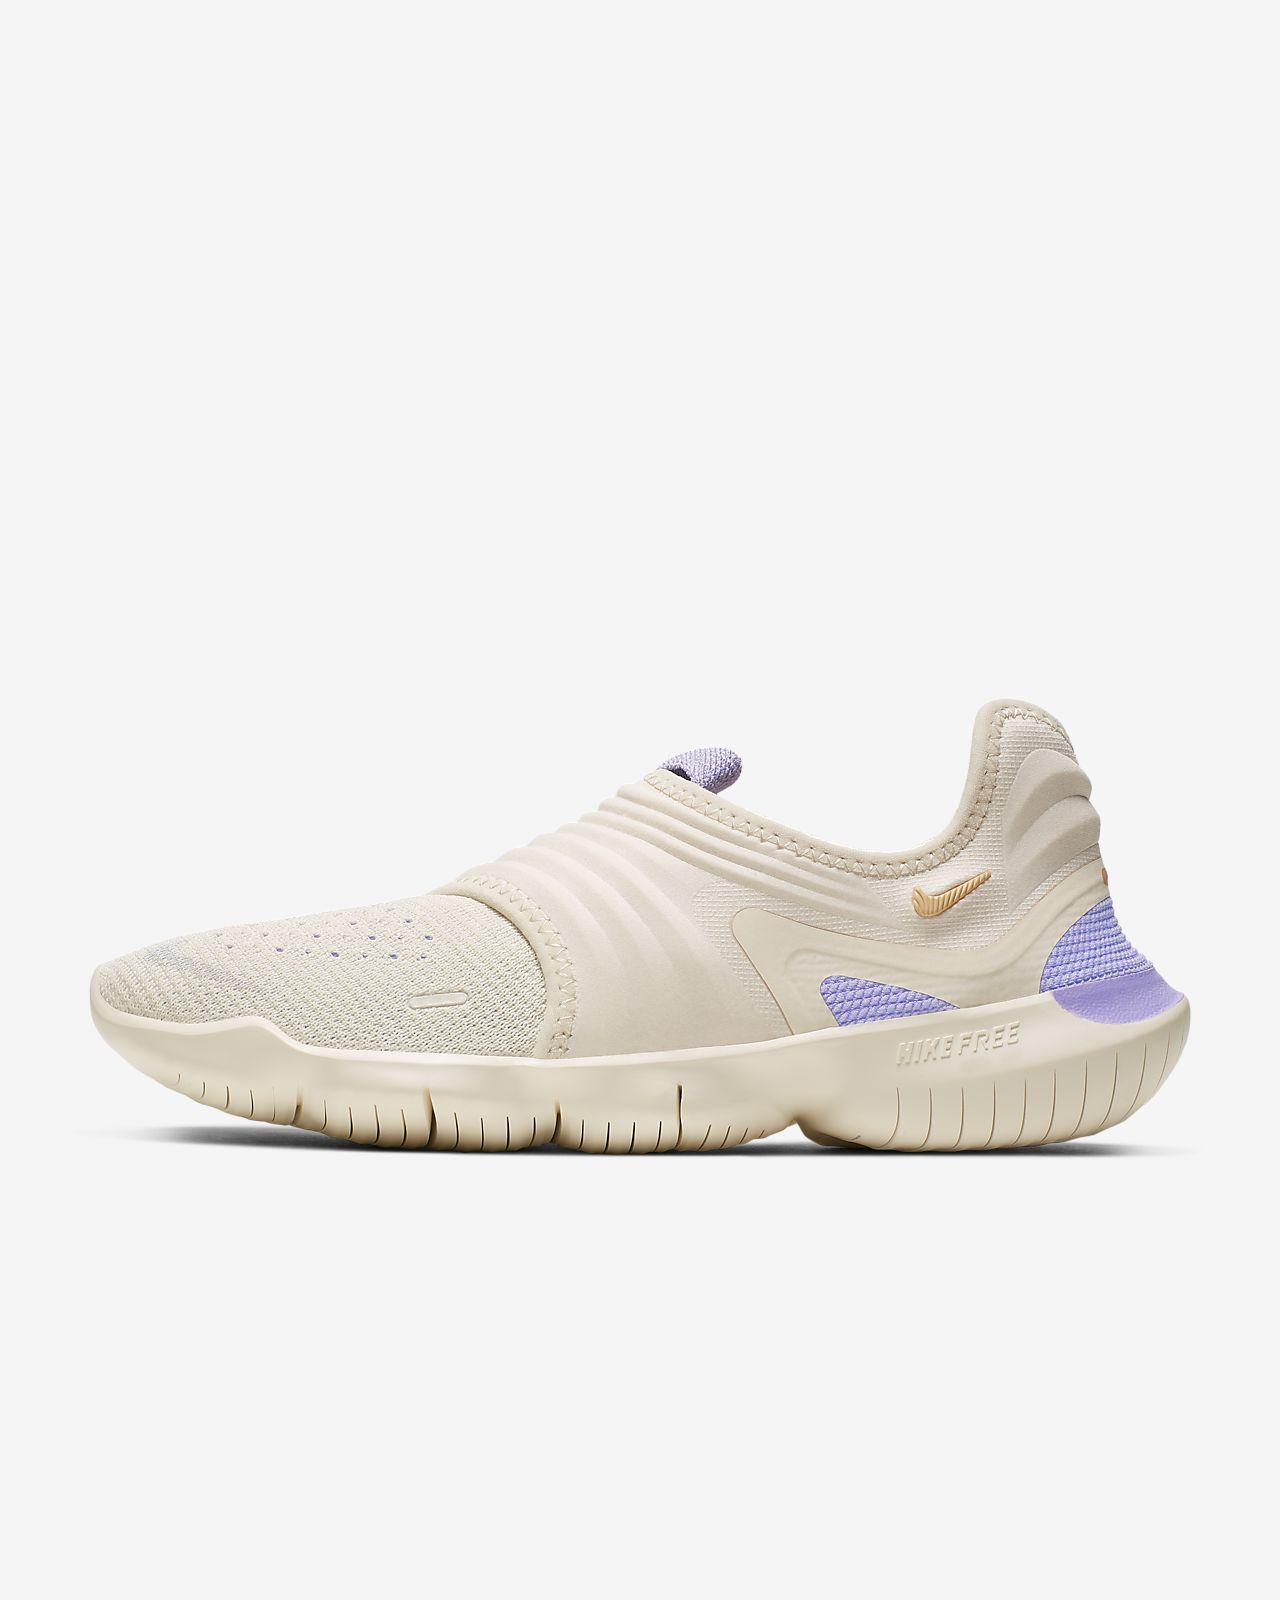 Nike Free RN Flyknit 3.0 Women's Running Shoe